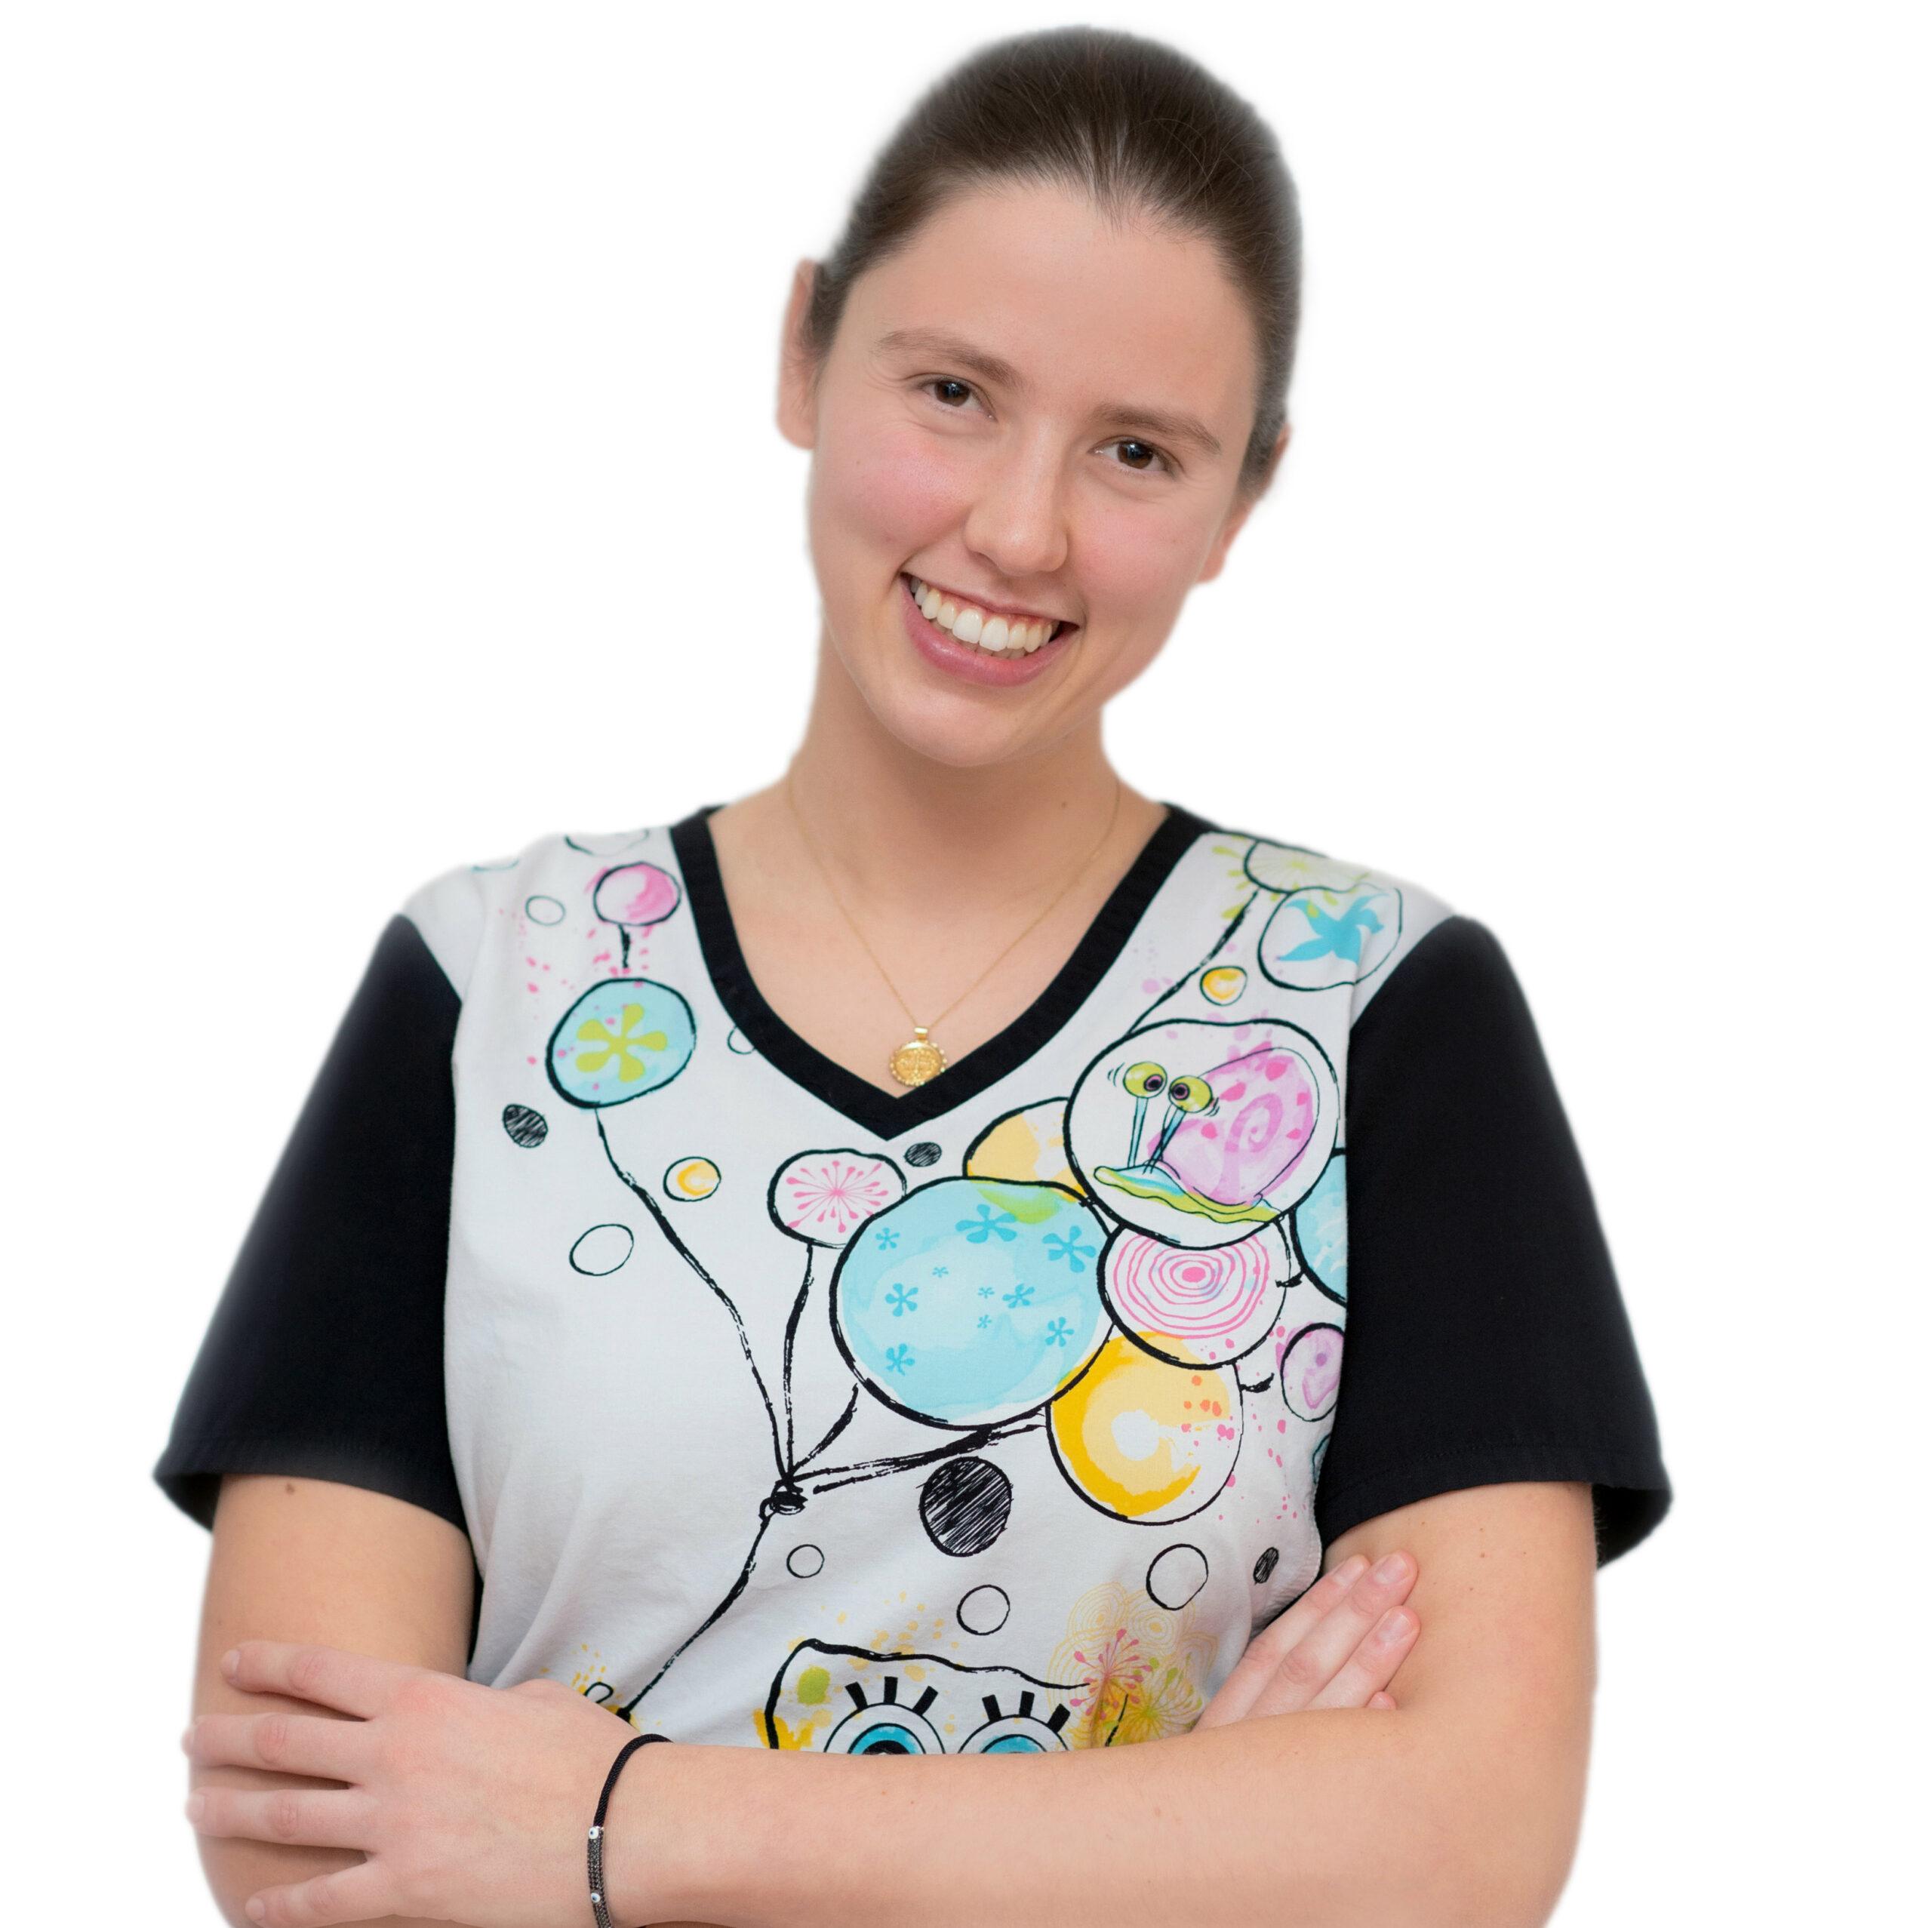 Μαρηλία Μιχαλάκη